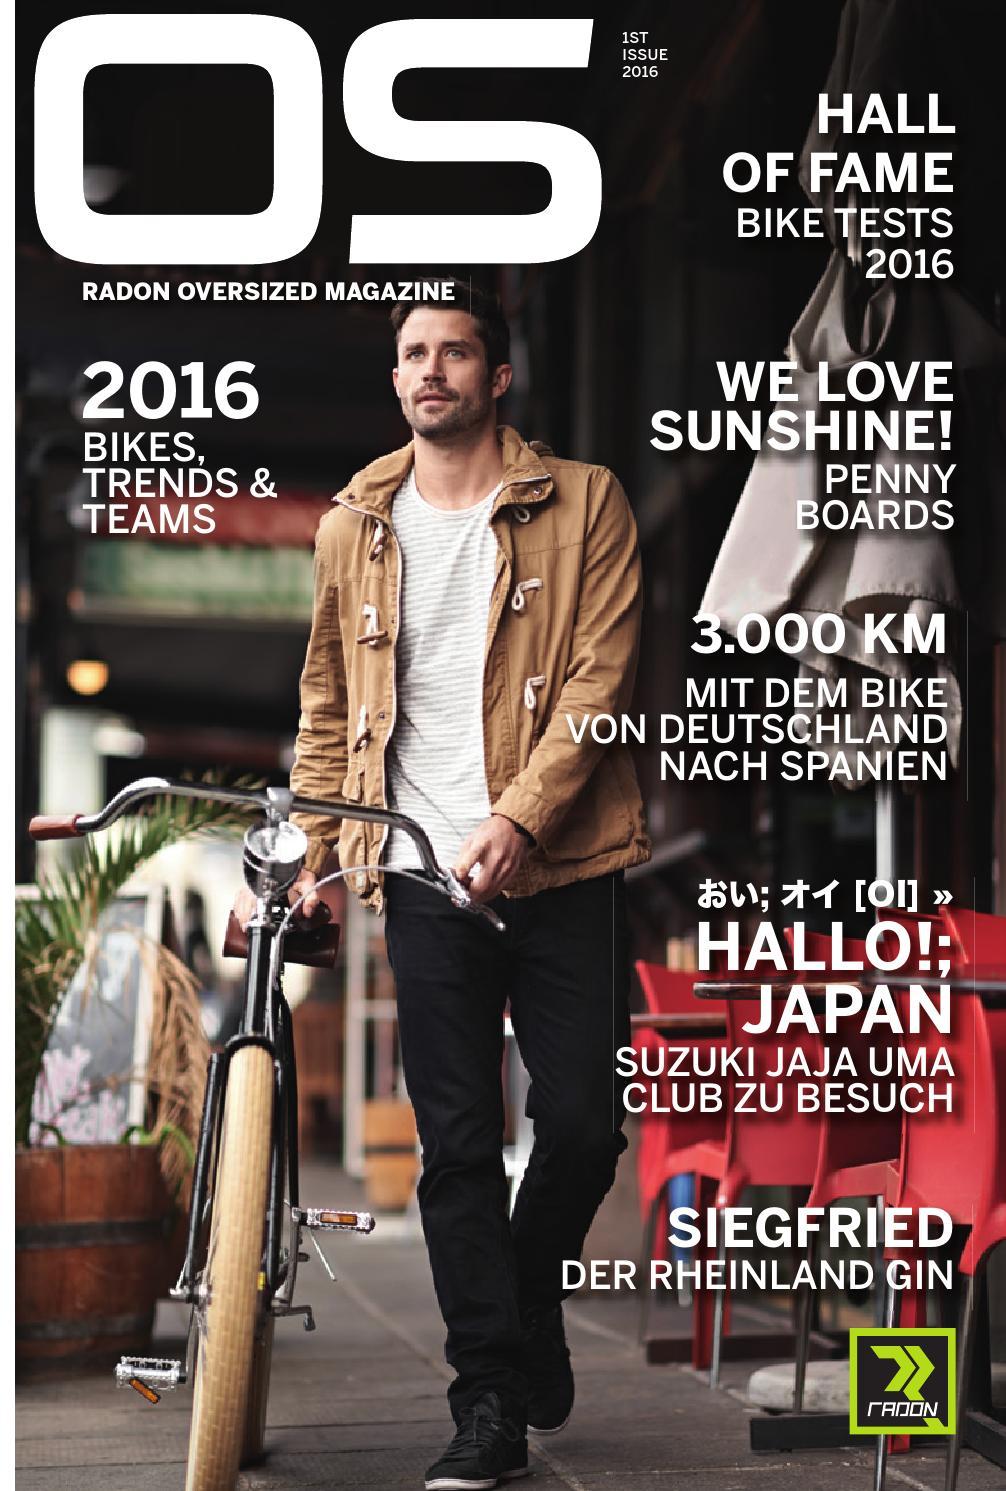 Fiets 2016, een special van anwb media by jan kruithof   issuu